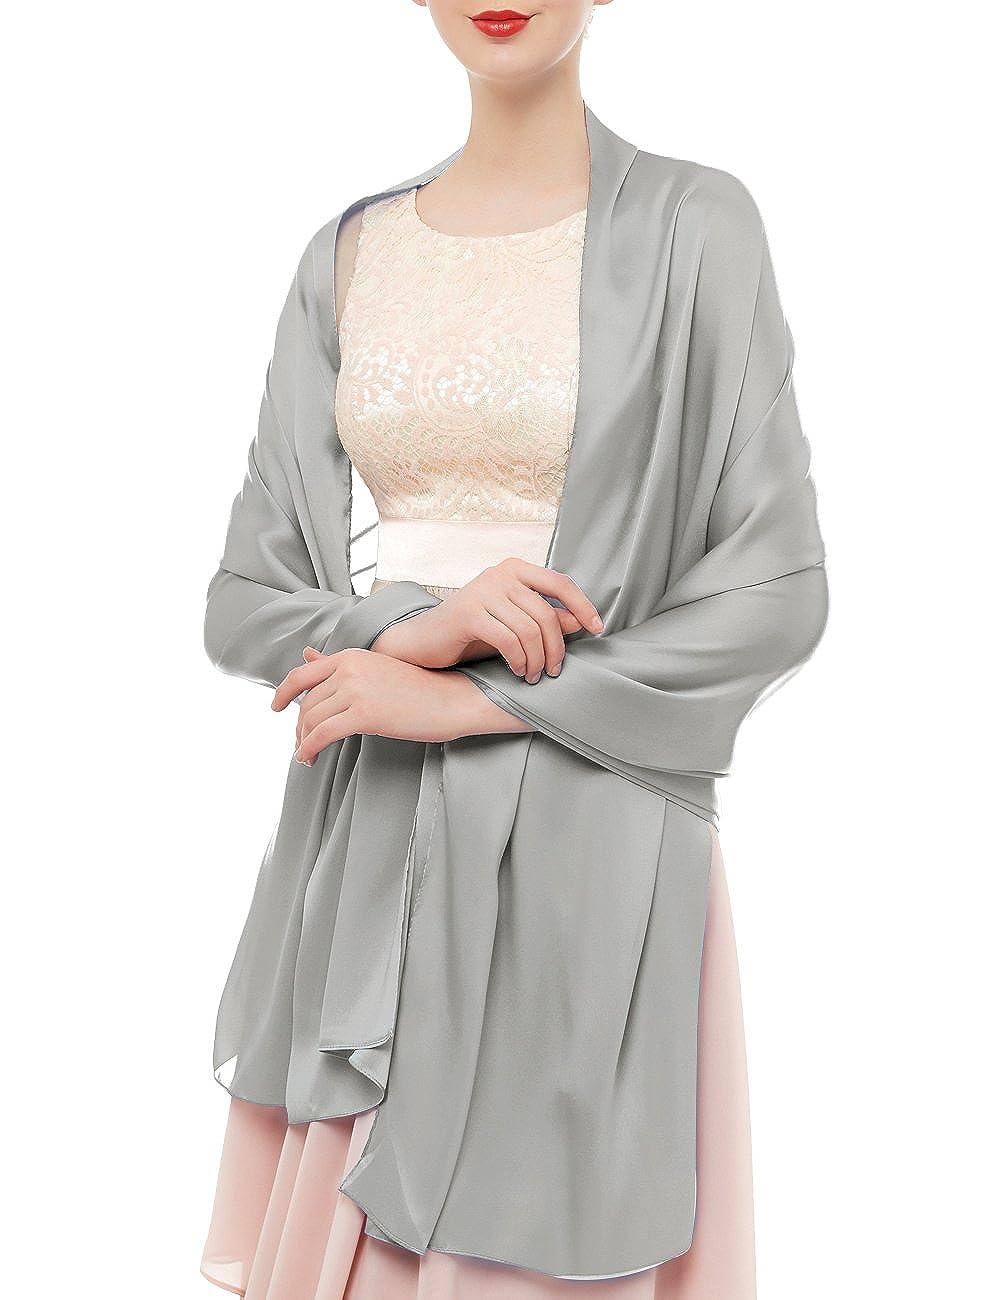 bridesmay Damen Elegant Seidenschal 180 * 90cm Seide Halstuch Stola Schal für Kleider in verschiedenen Farben